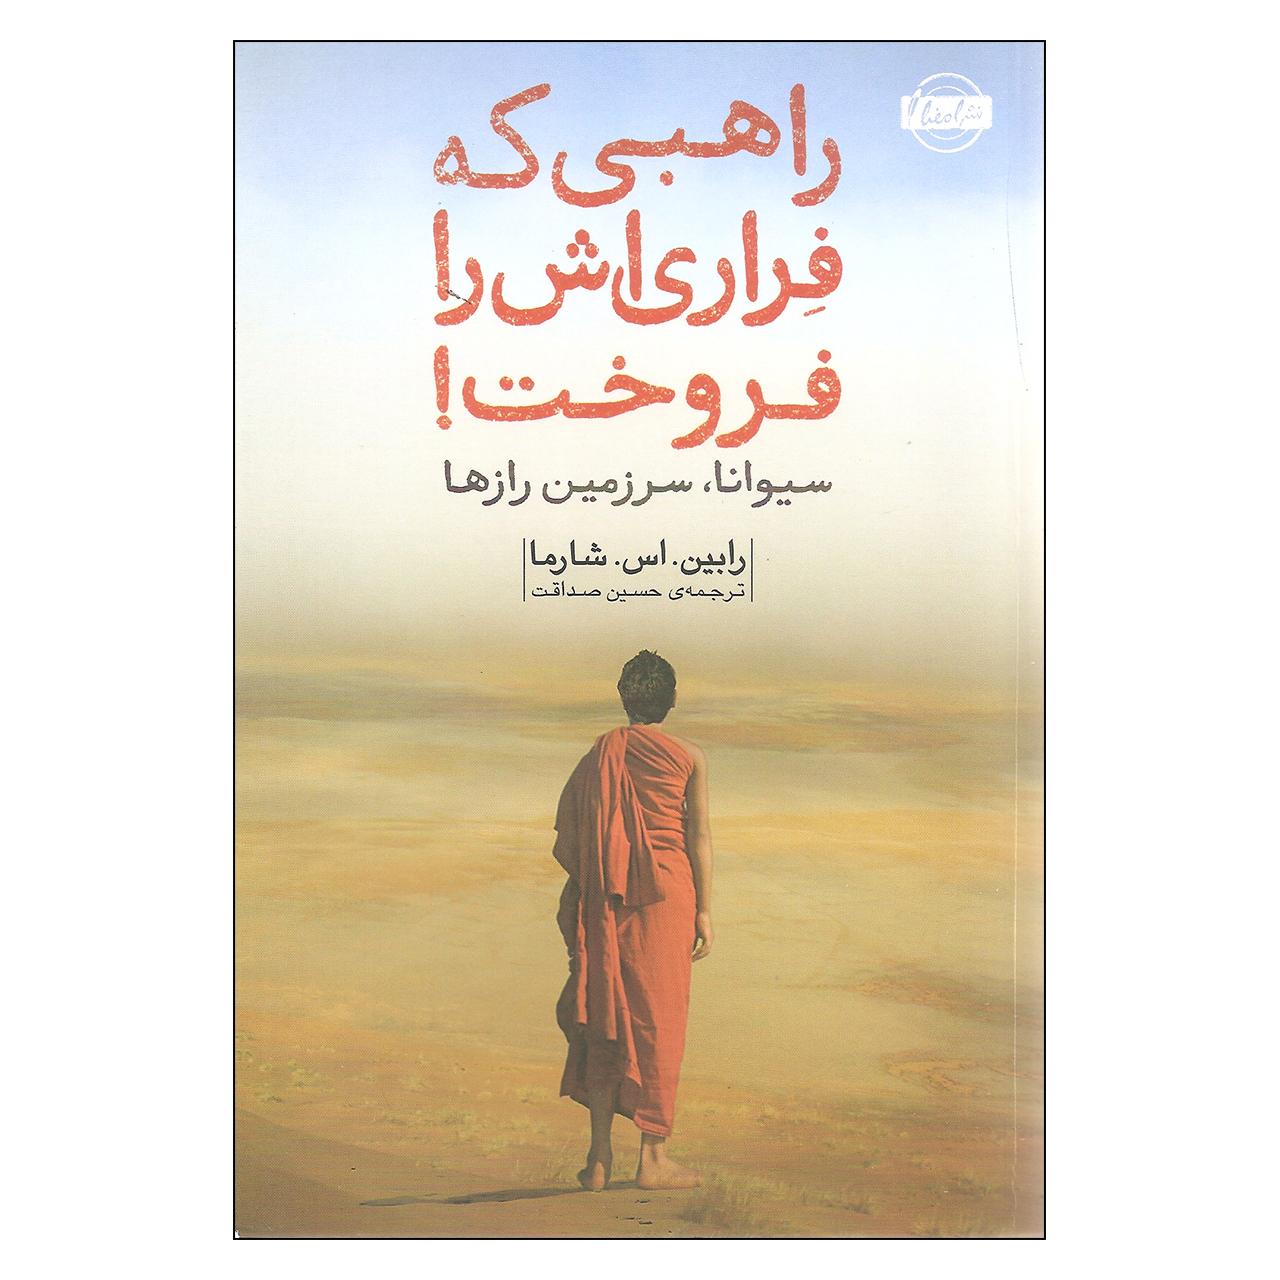 کتاب راهبی که فراری اش را فروخت اثر رابین..اس.شارما انتشارات امضا